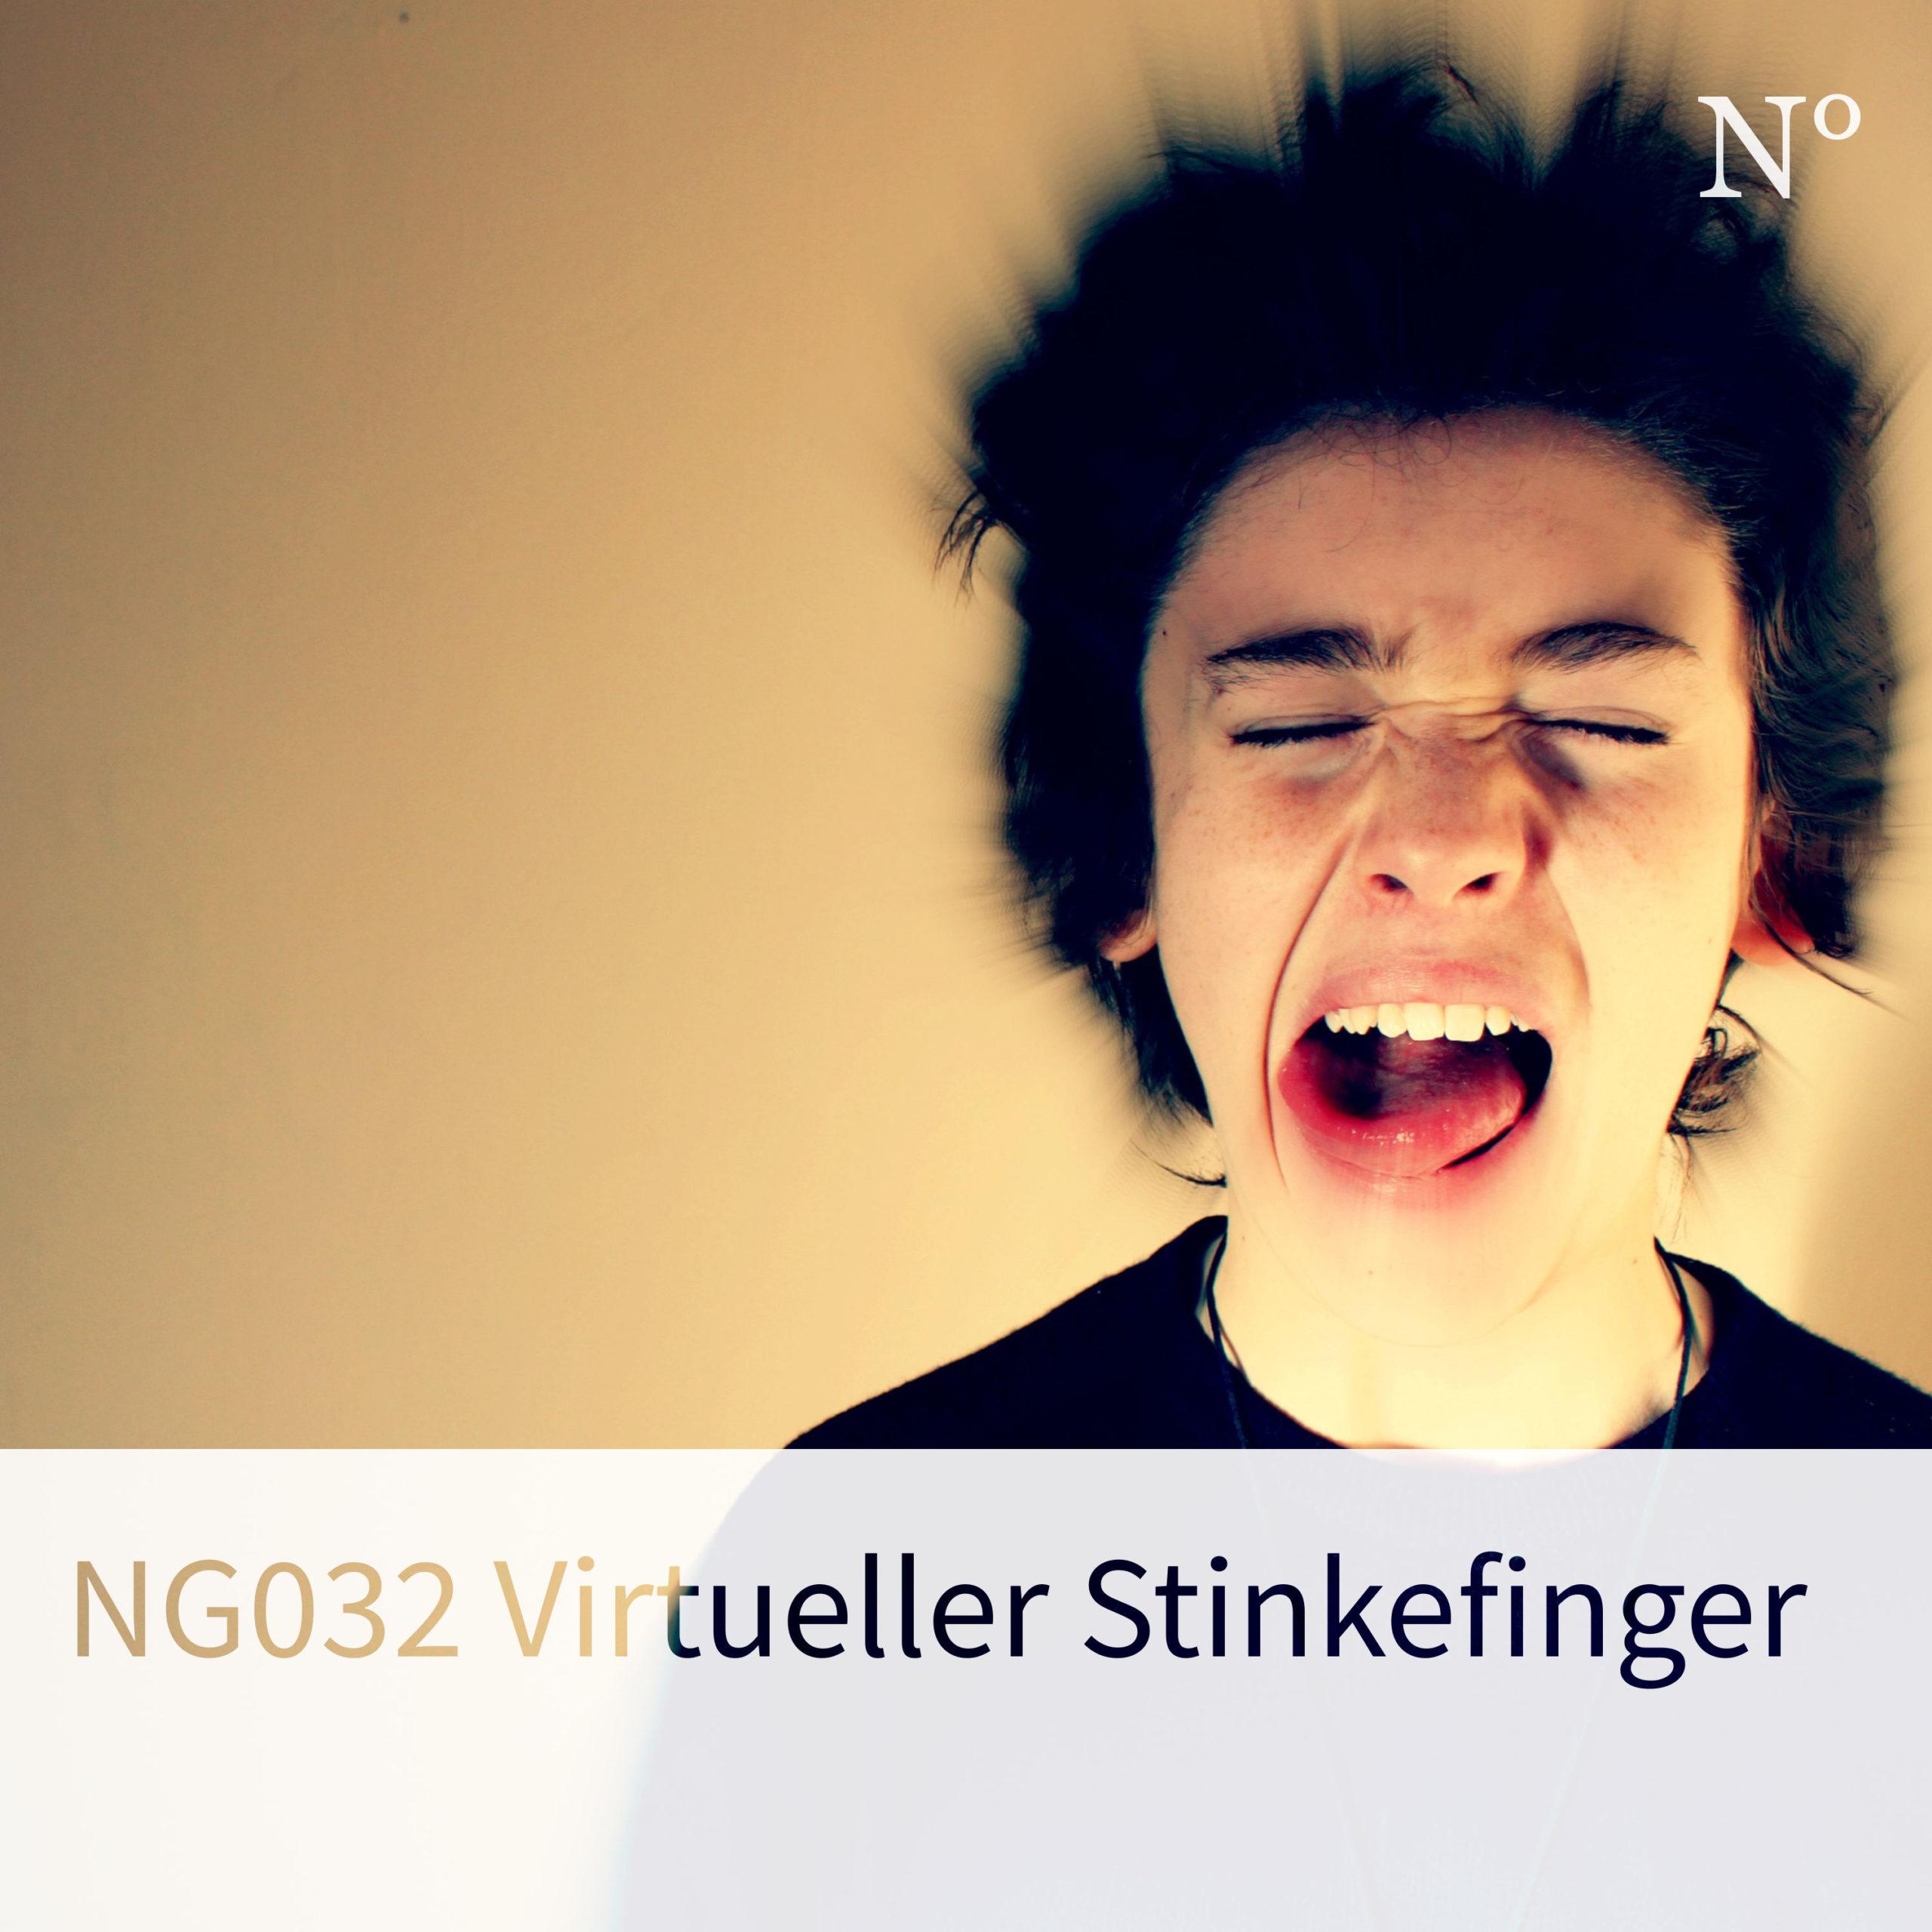 NG032 Virtueller Stinkefinger